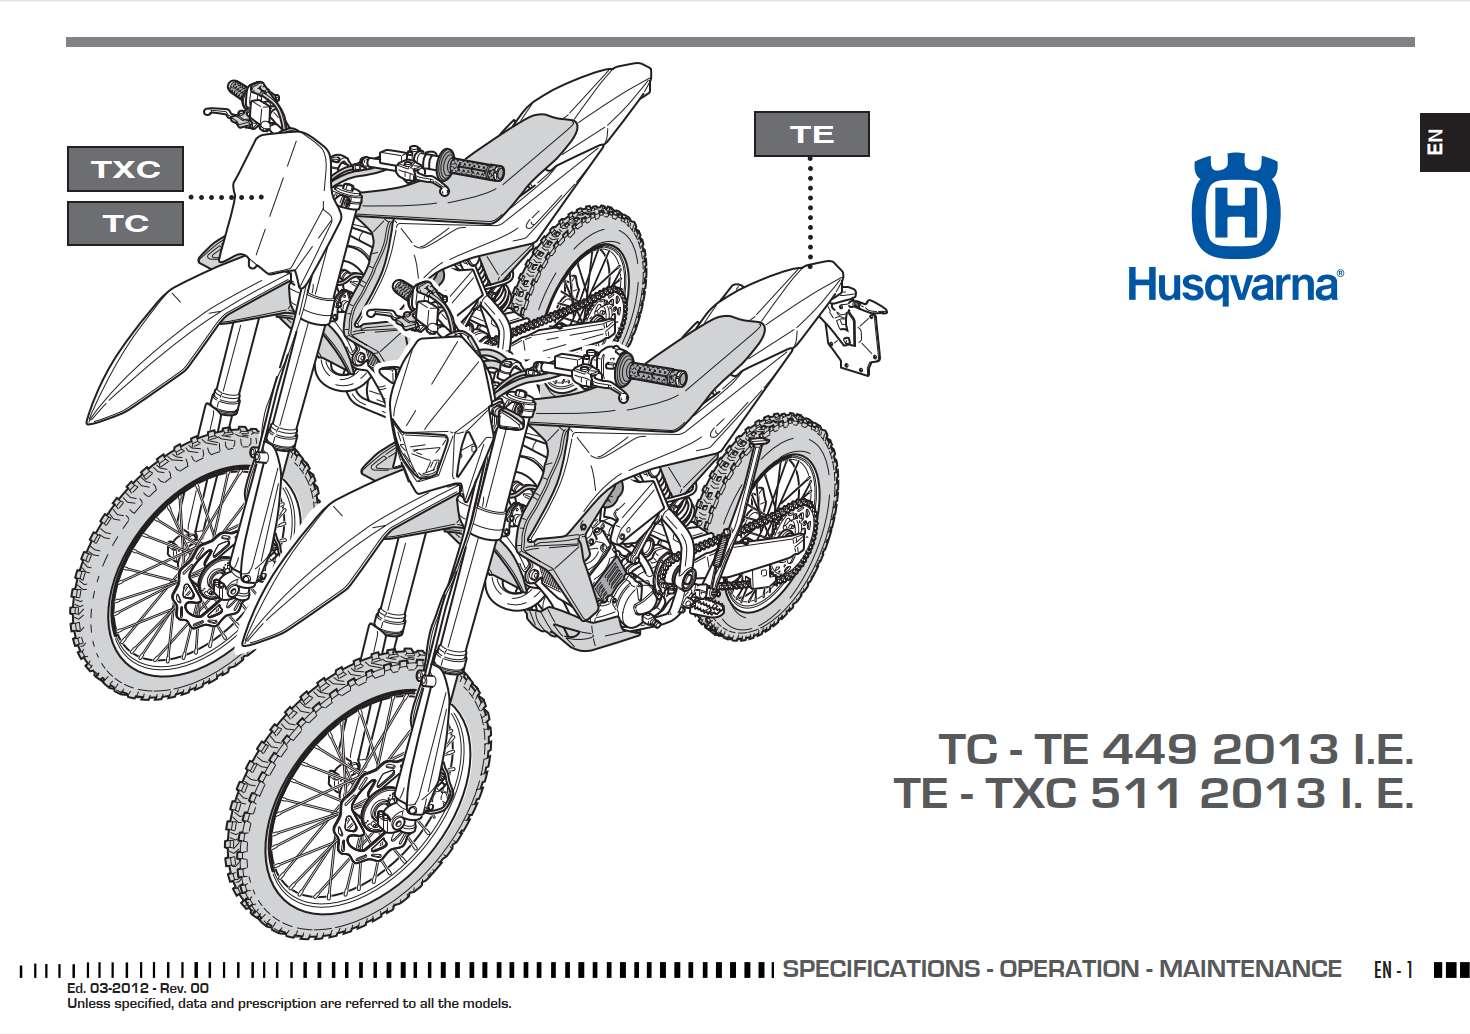 Husqvarna TC449 TE449 TE511 TXC511 2012 Owner's Manual